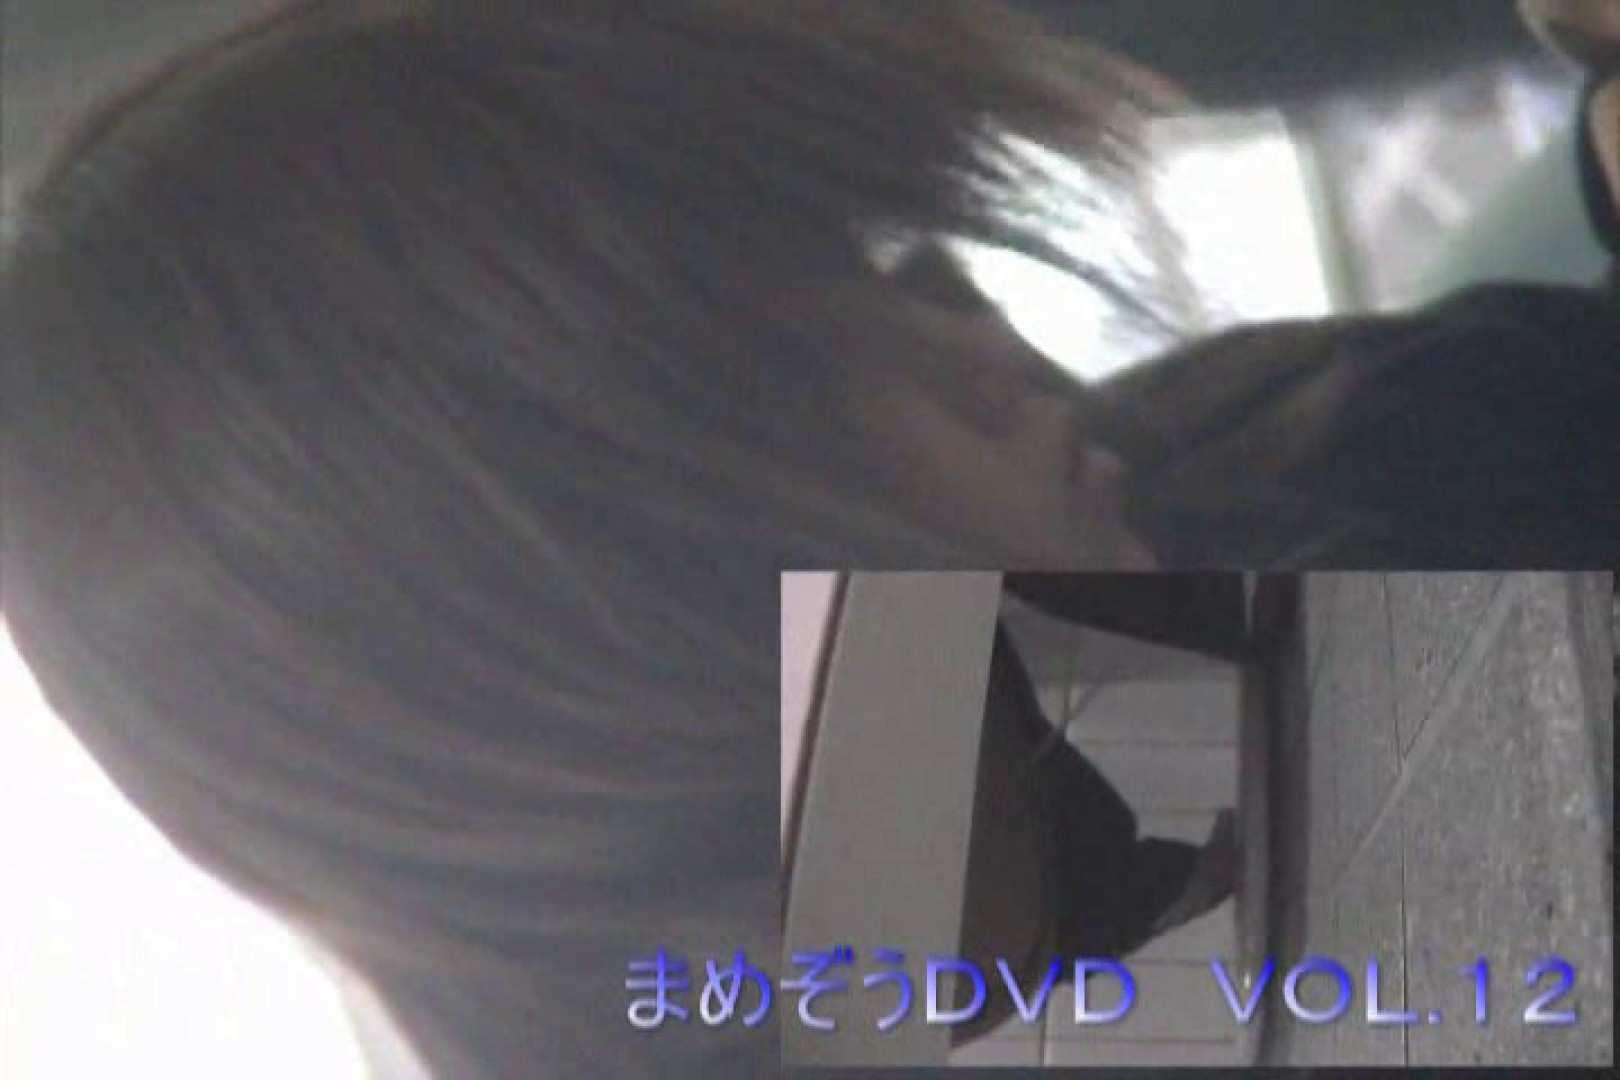 まめぞうDVD完全版VOL.12 OL   ギャル・コレクション  63連発 63